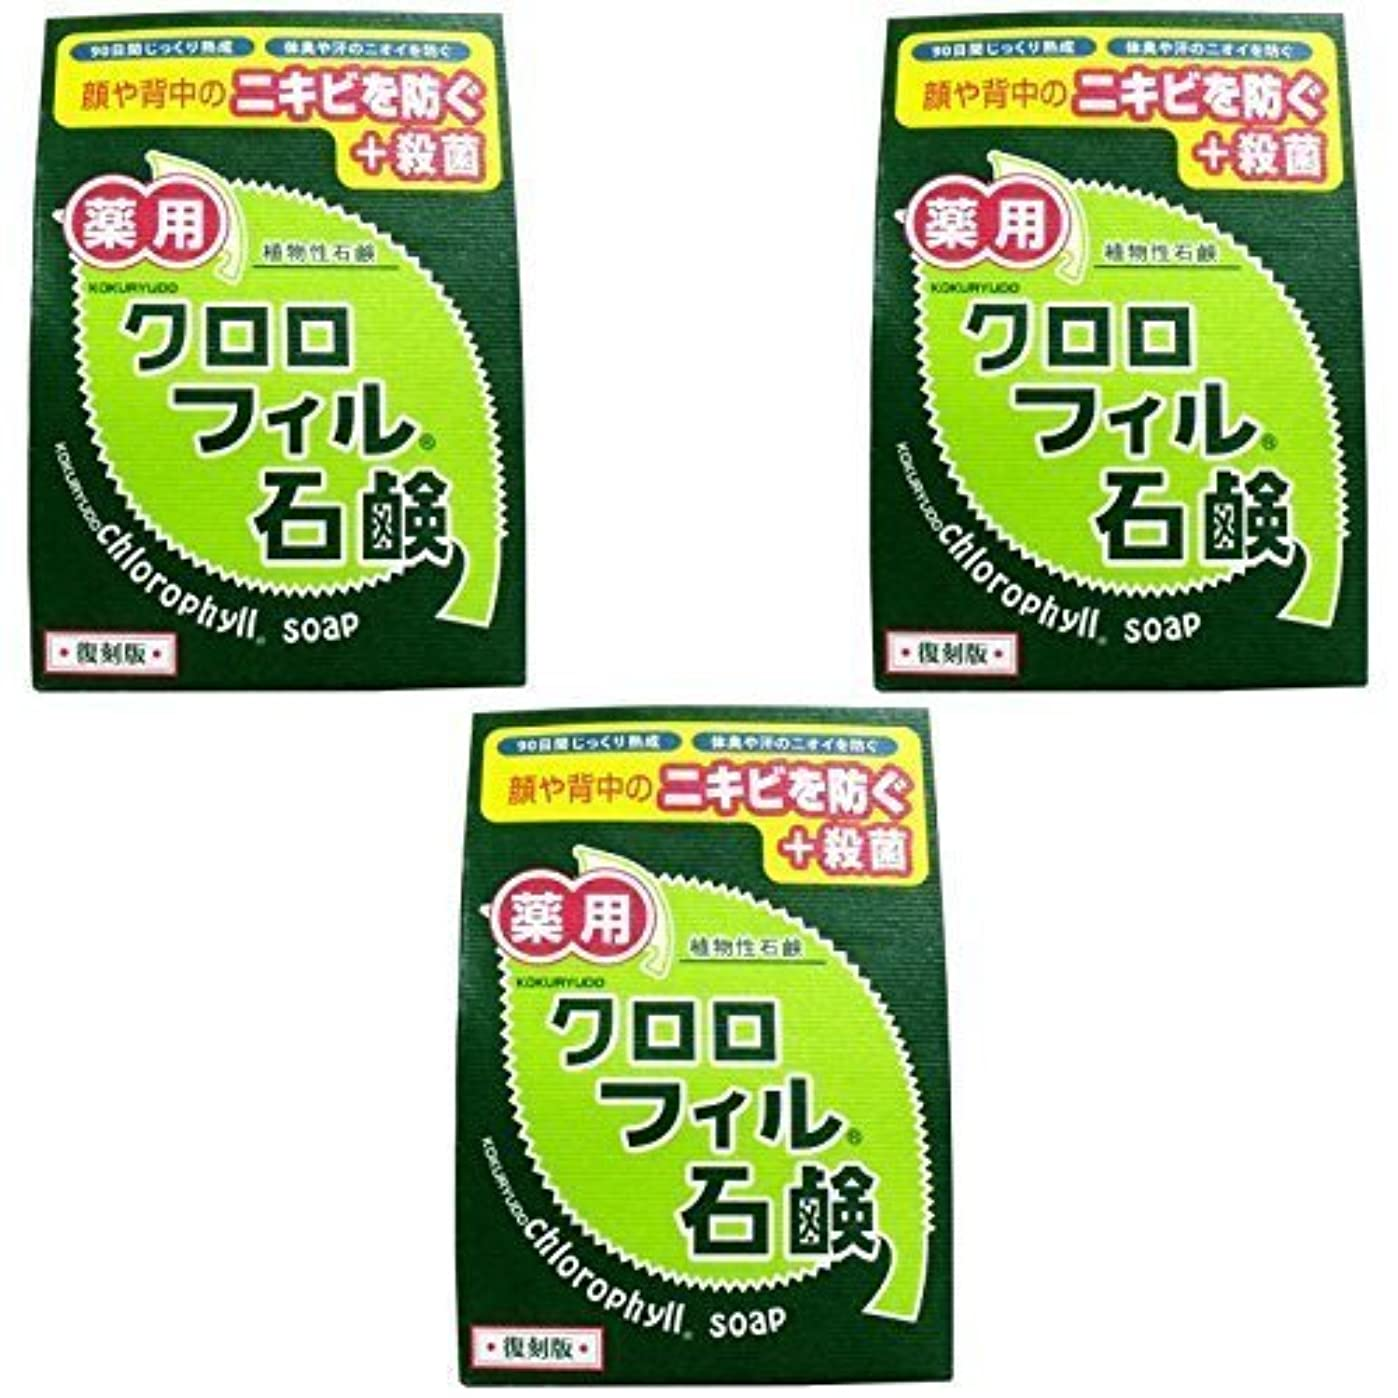 推進、動かす原理急ぐ【まとめ買い】クロロフィル石鹸 復刻版 85g (医薬部外品)【×3個】